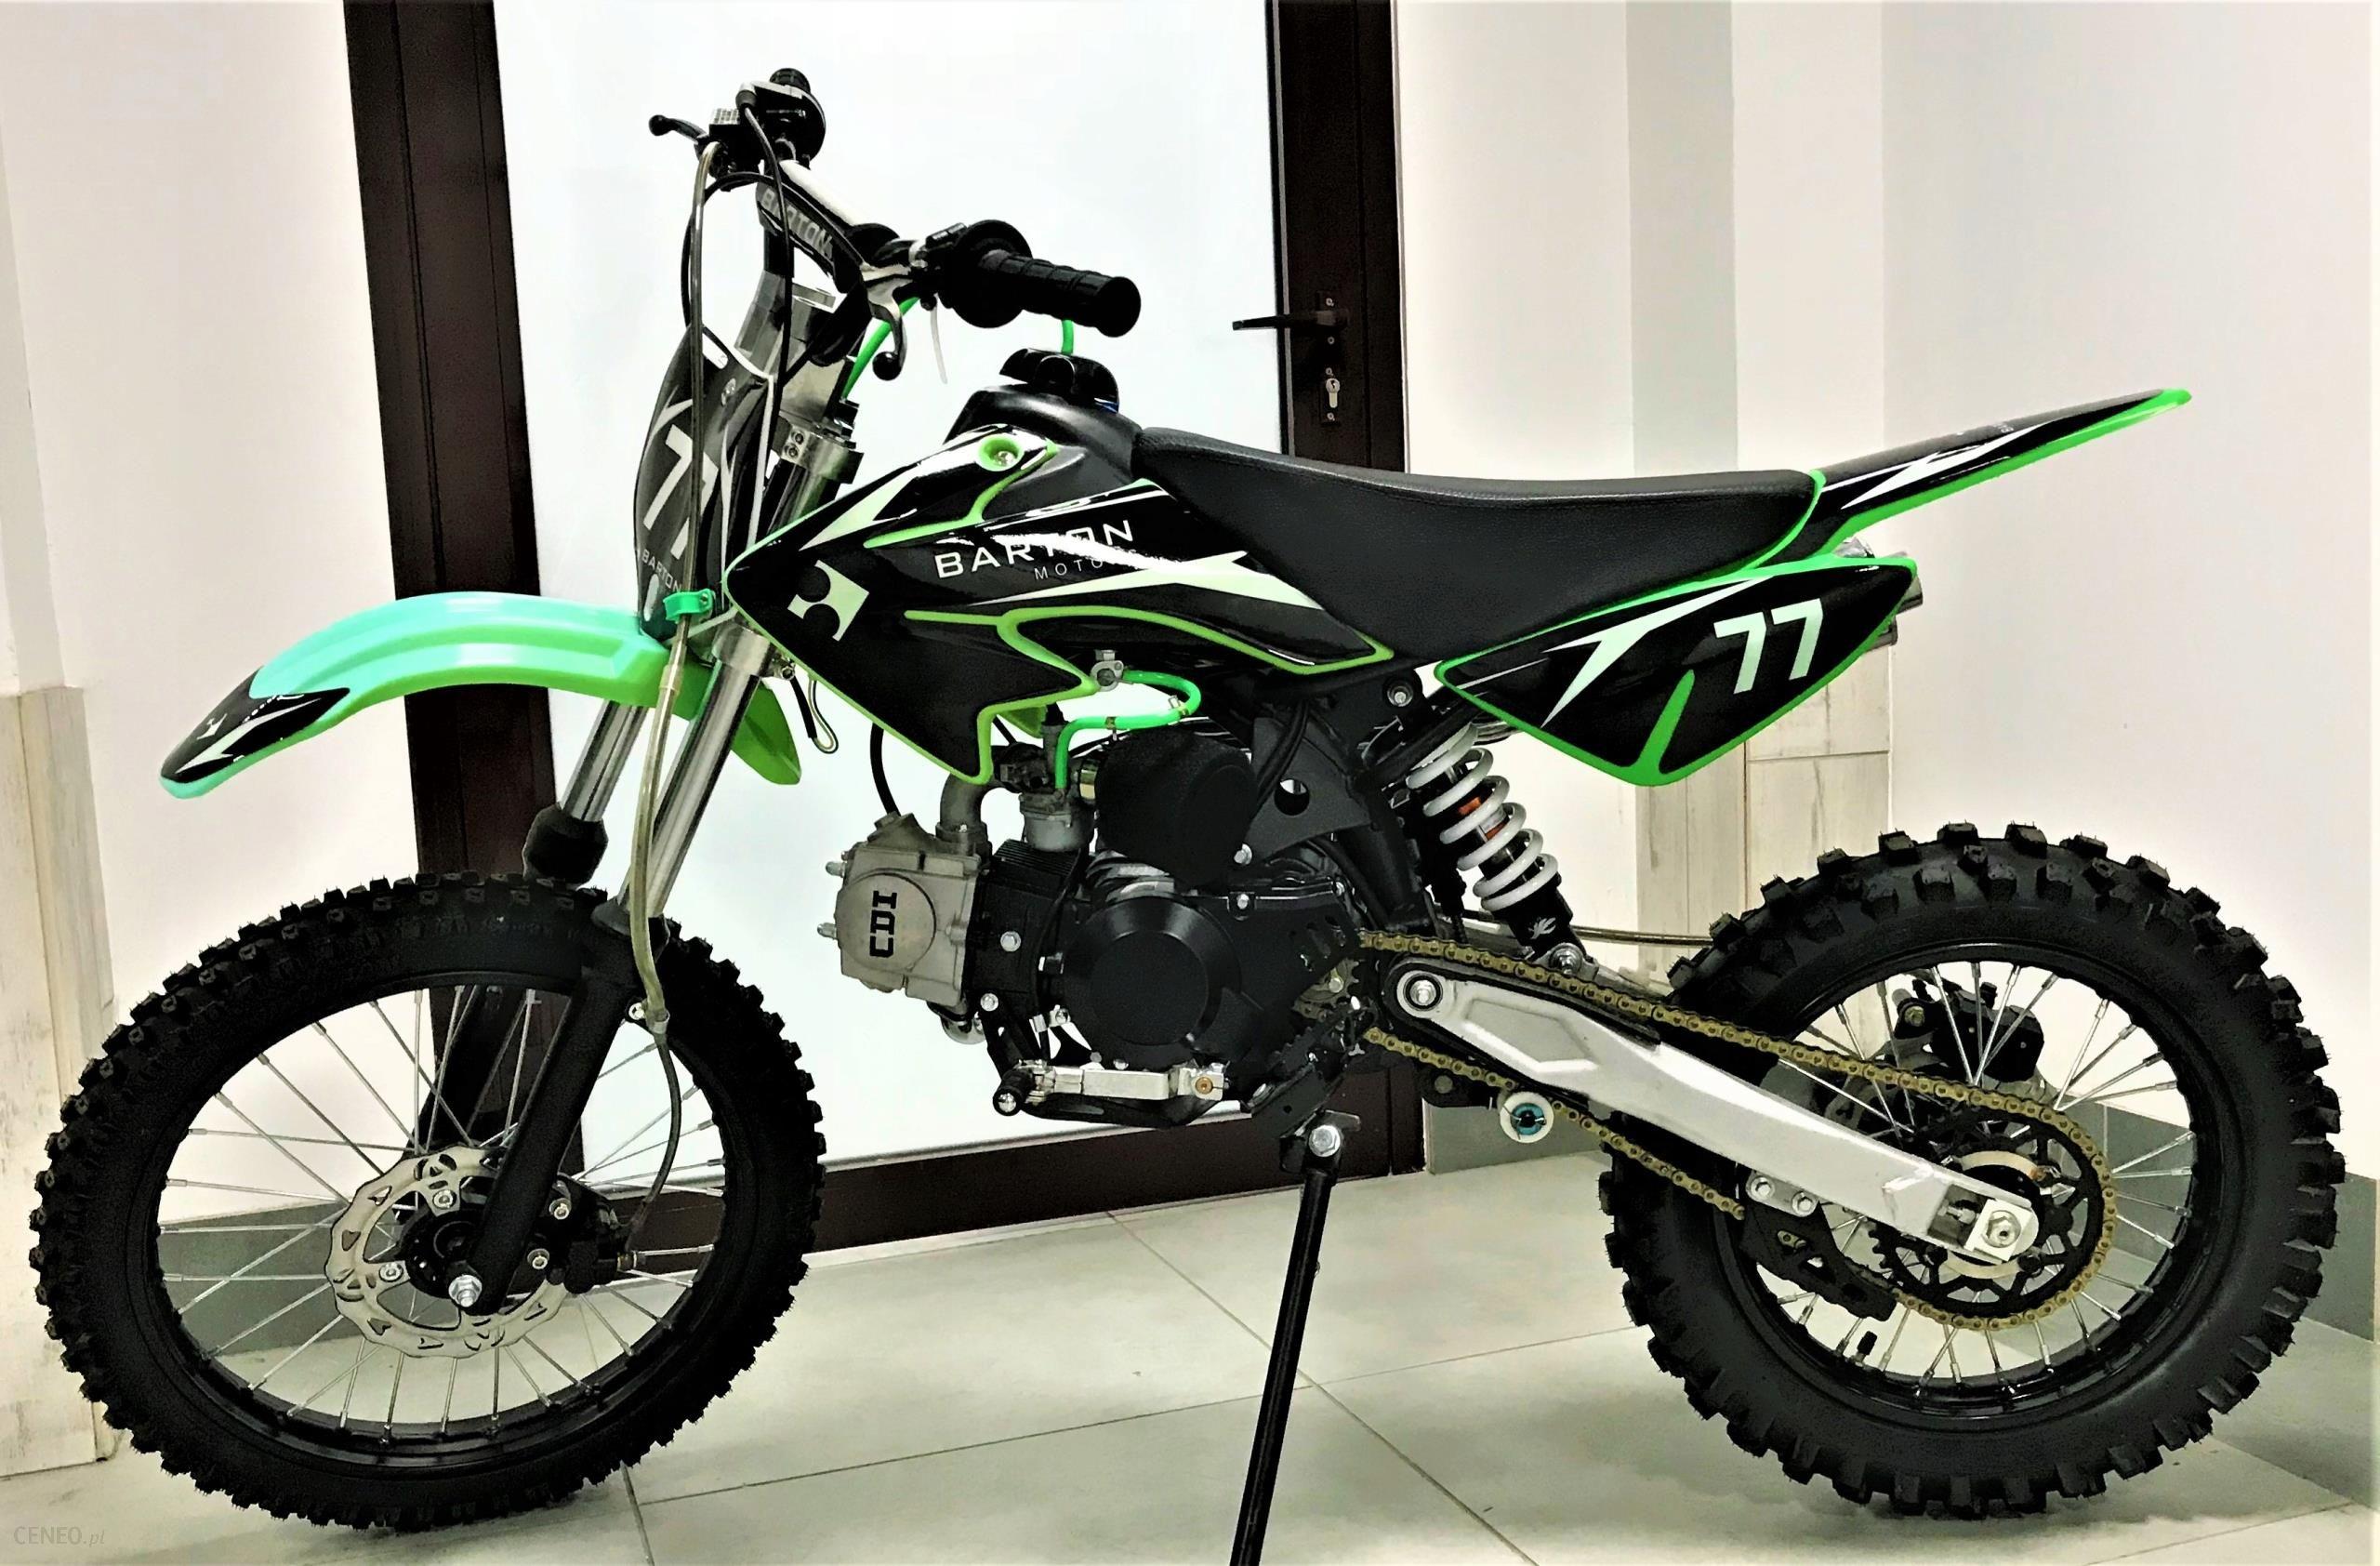 Motocykl Barton Db 125 Cross Enduro Pitbike 125cm Opinie I Ceny Na Ceneo Pl